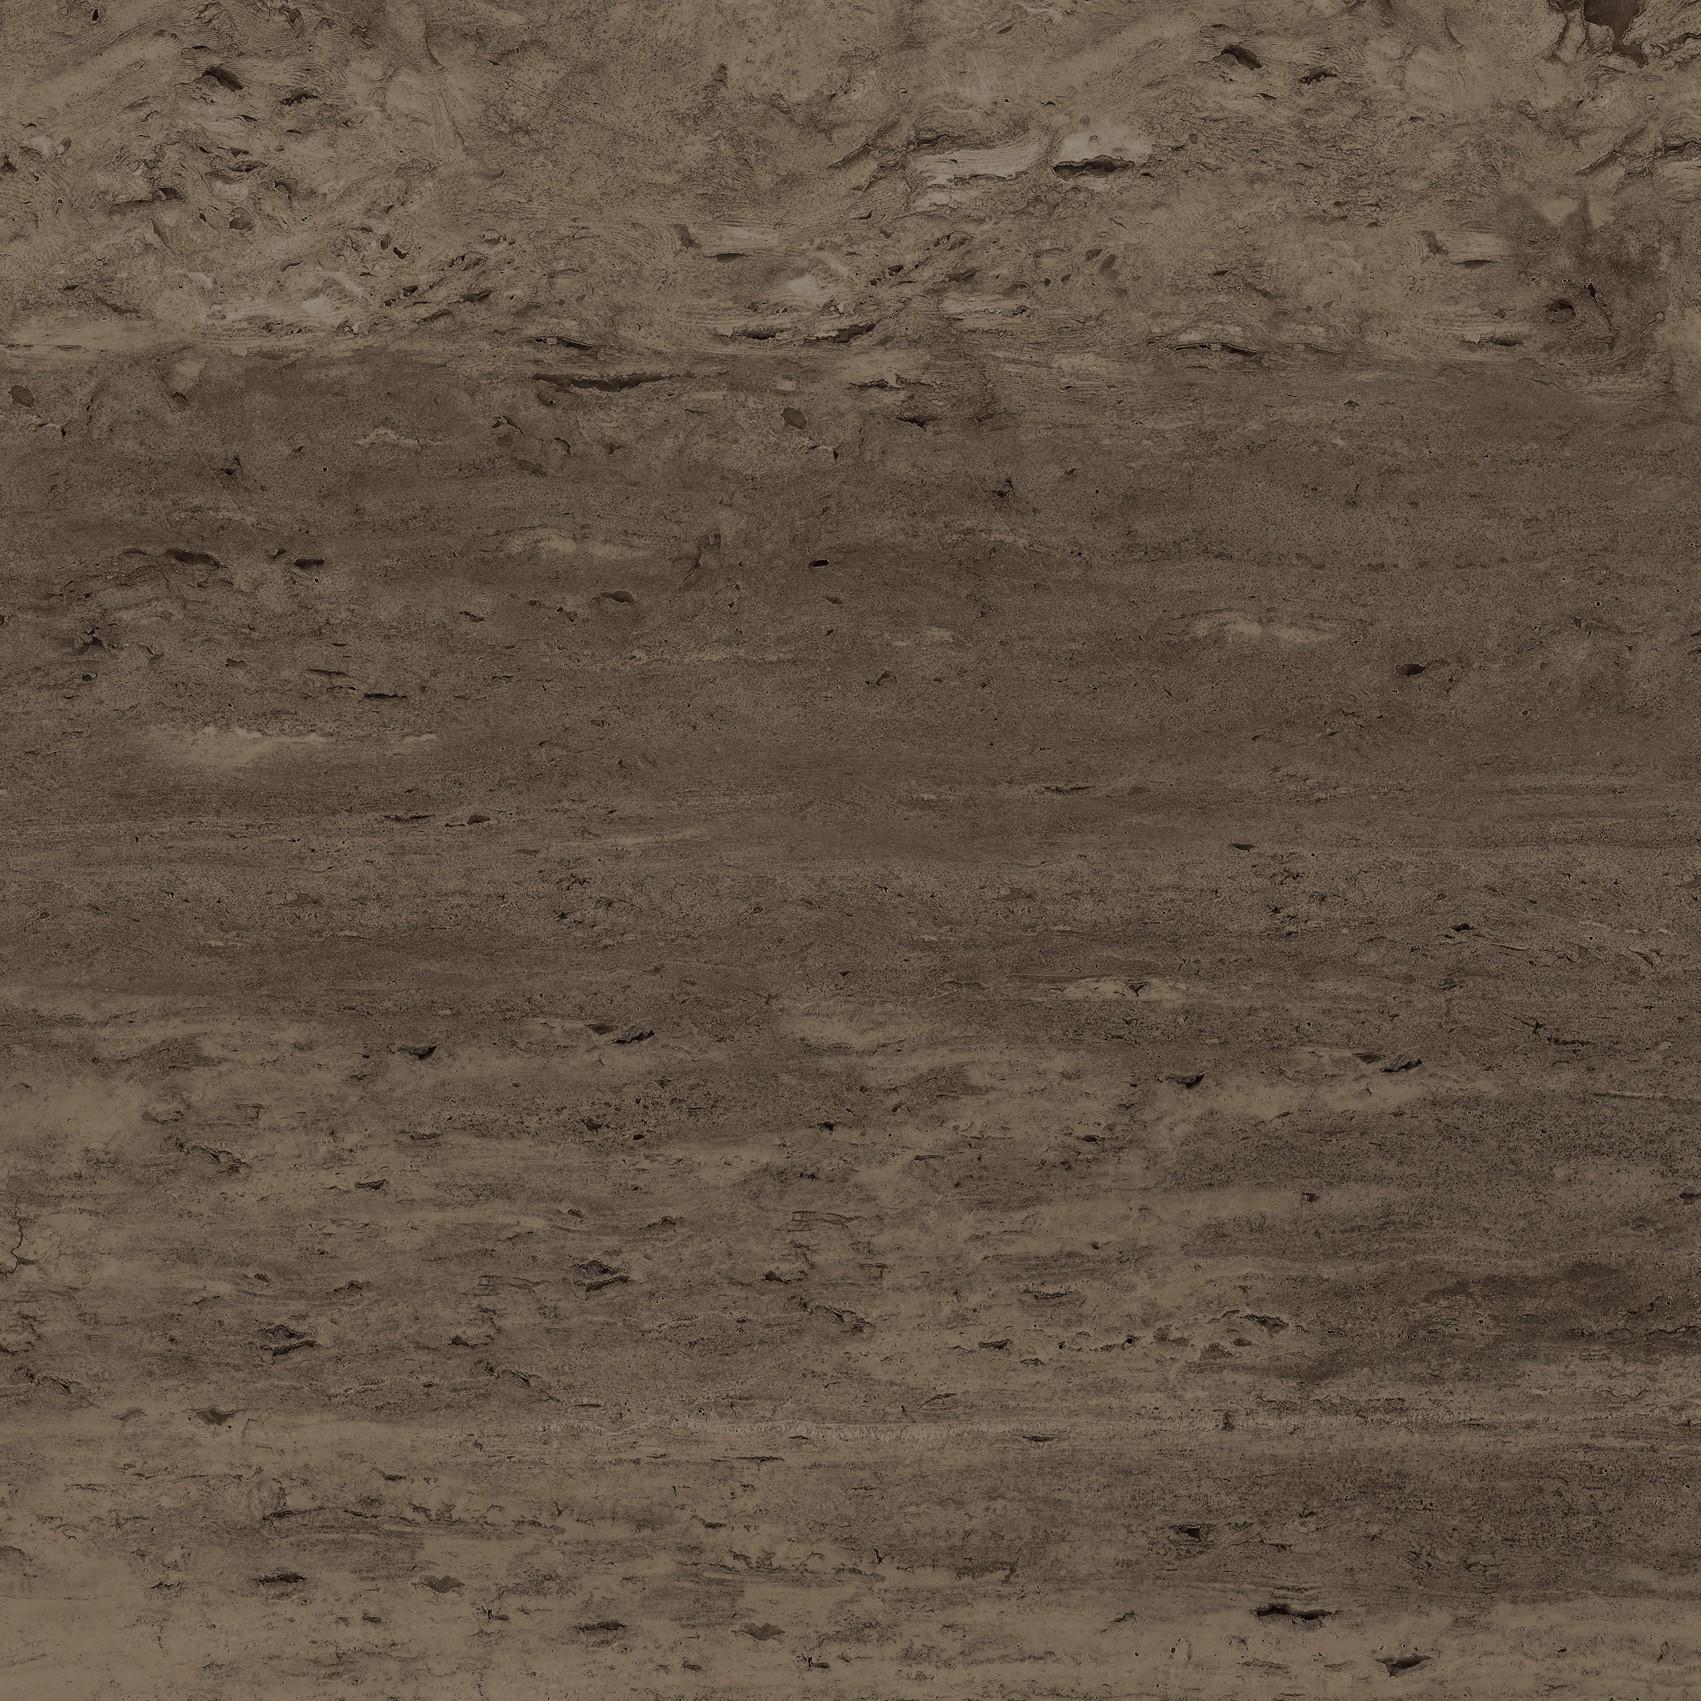 Підлога Terragres Travertin 60х60 коричневий